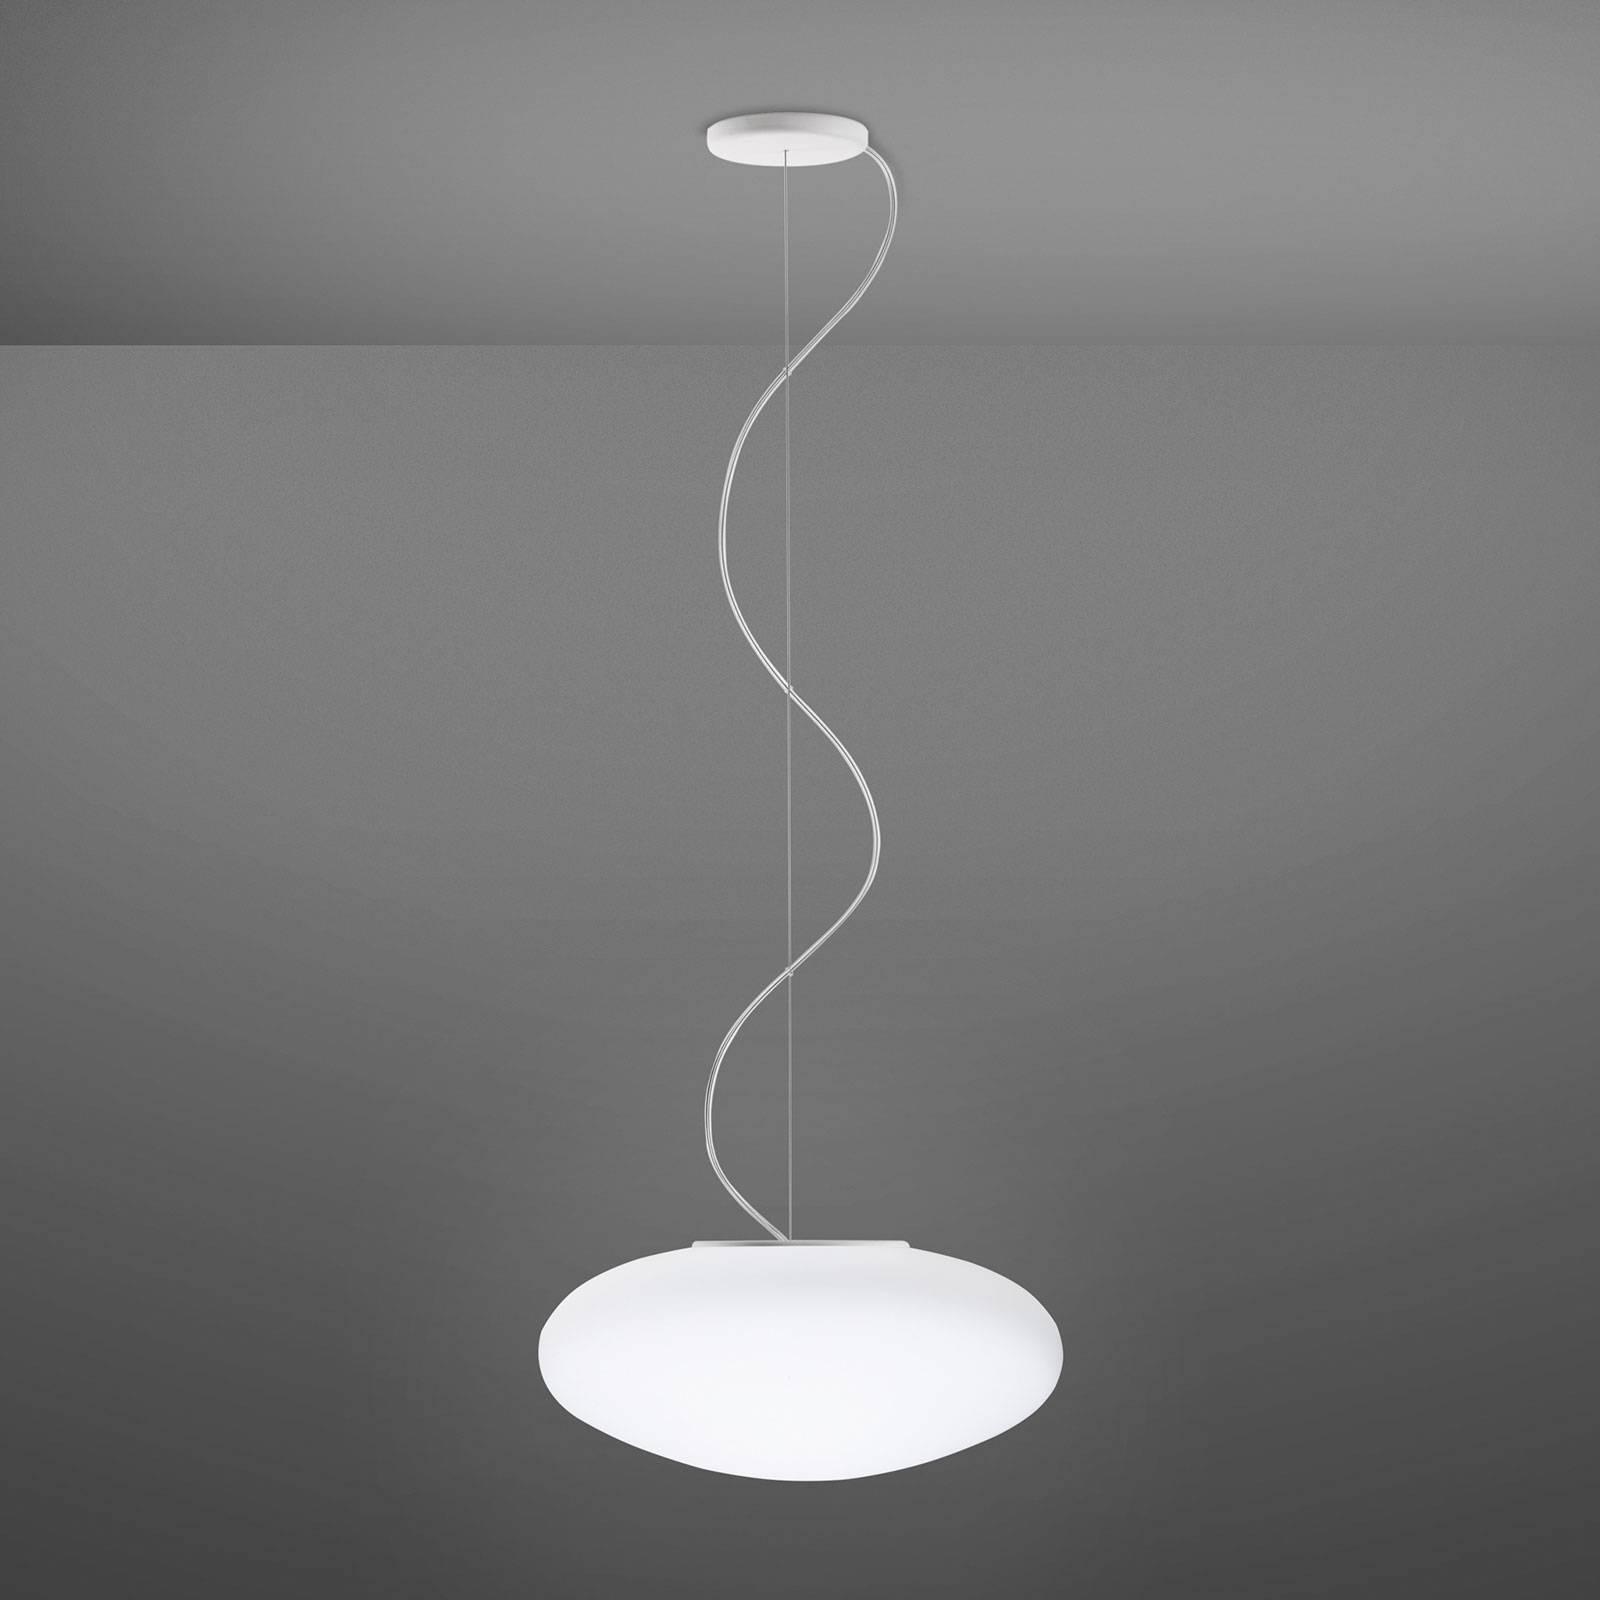 Fabbian Lumi White szklana lampa wisząca, Ø 42 cm